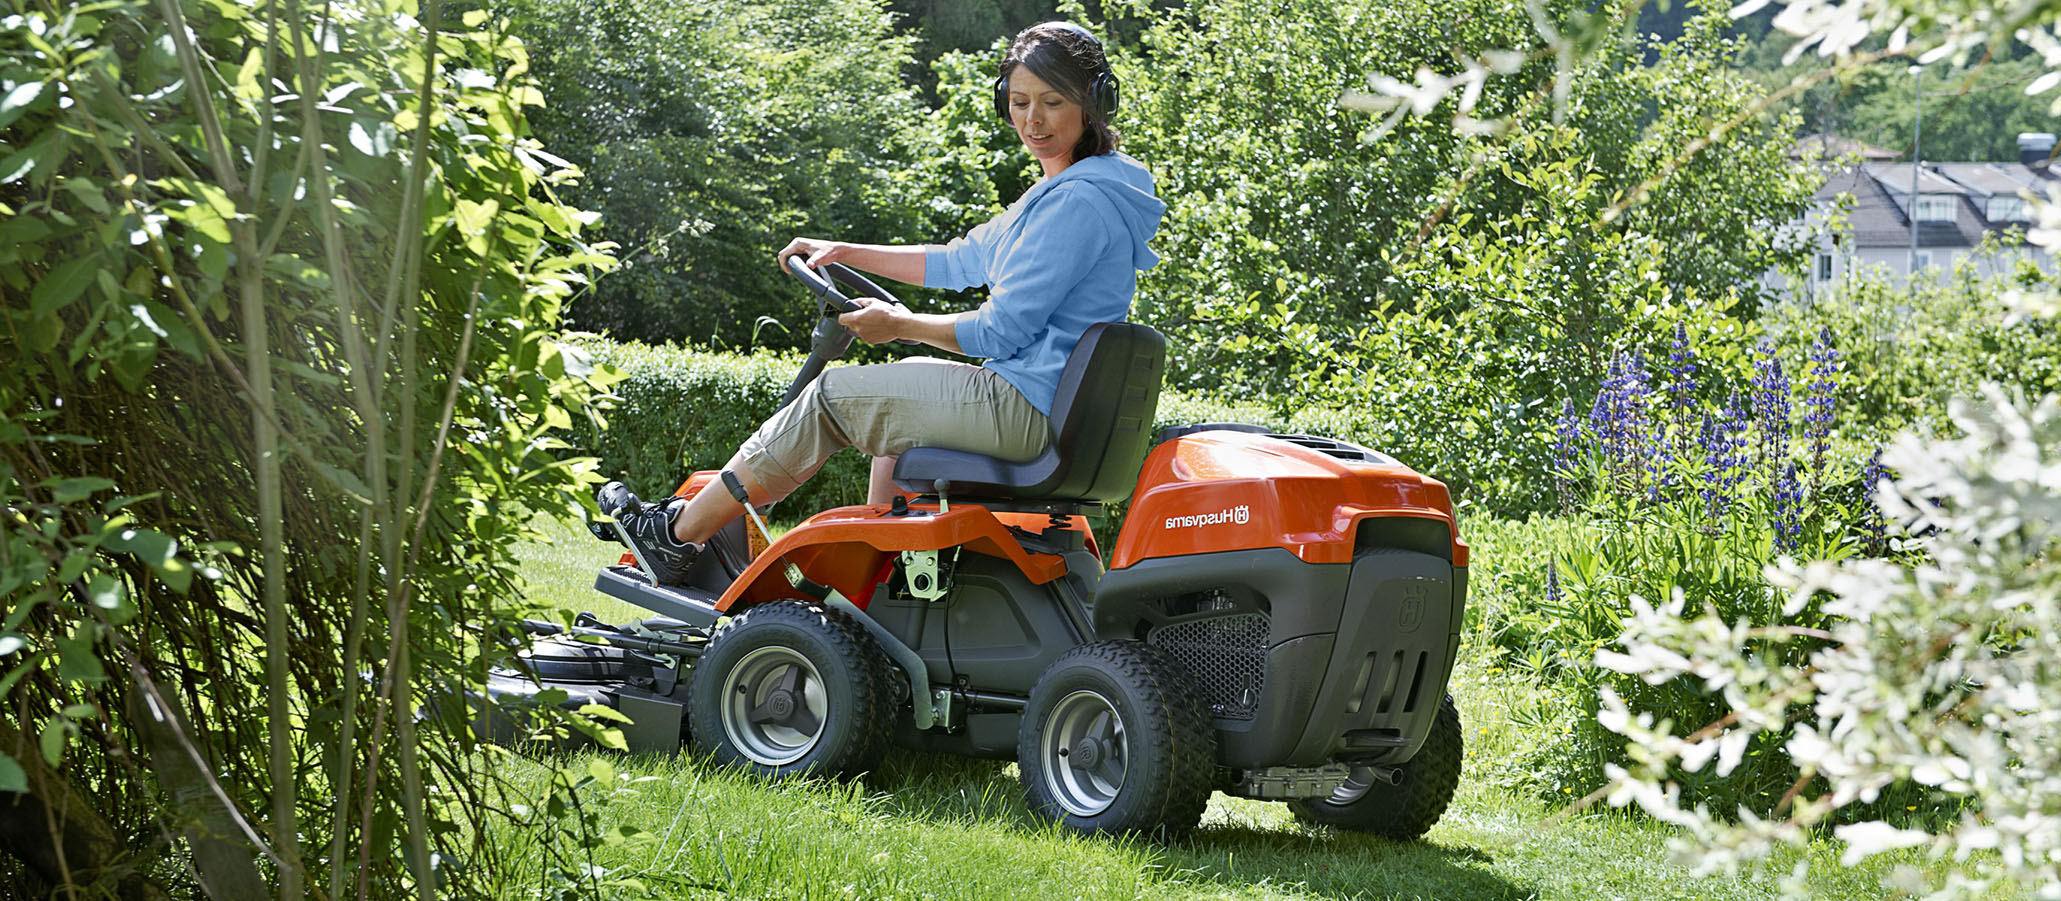 Kvinna på åkgräsklippare i trädgård